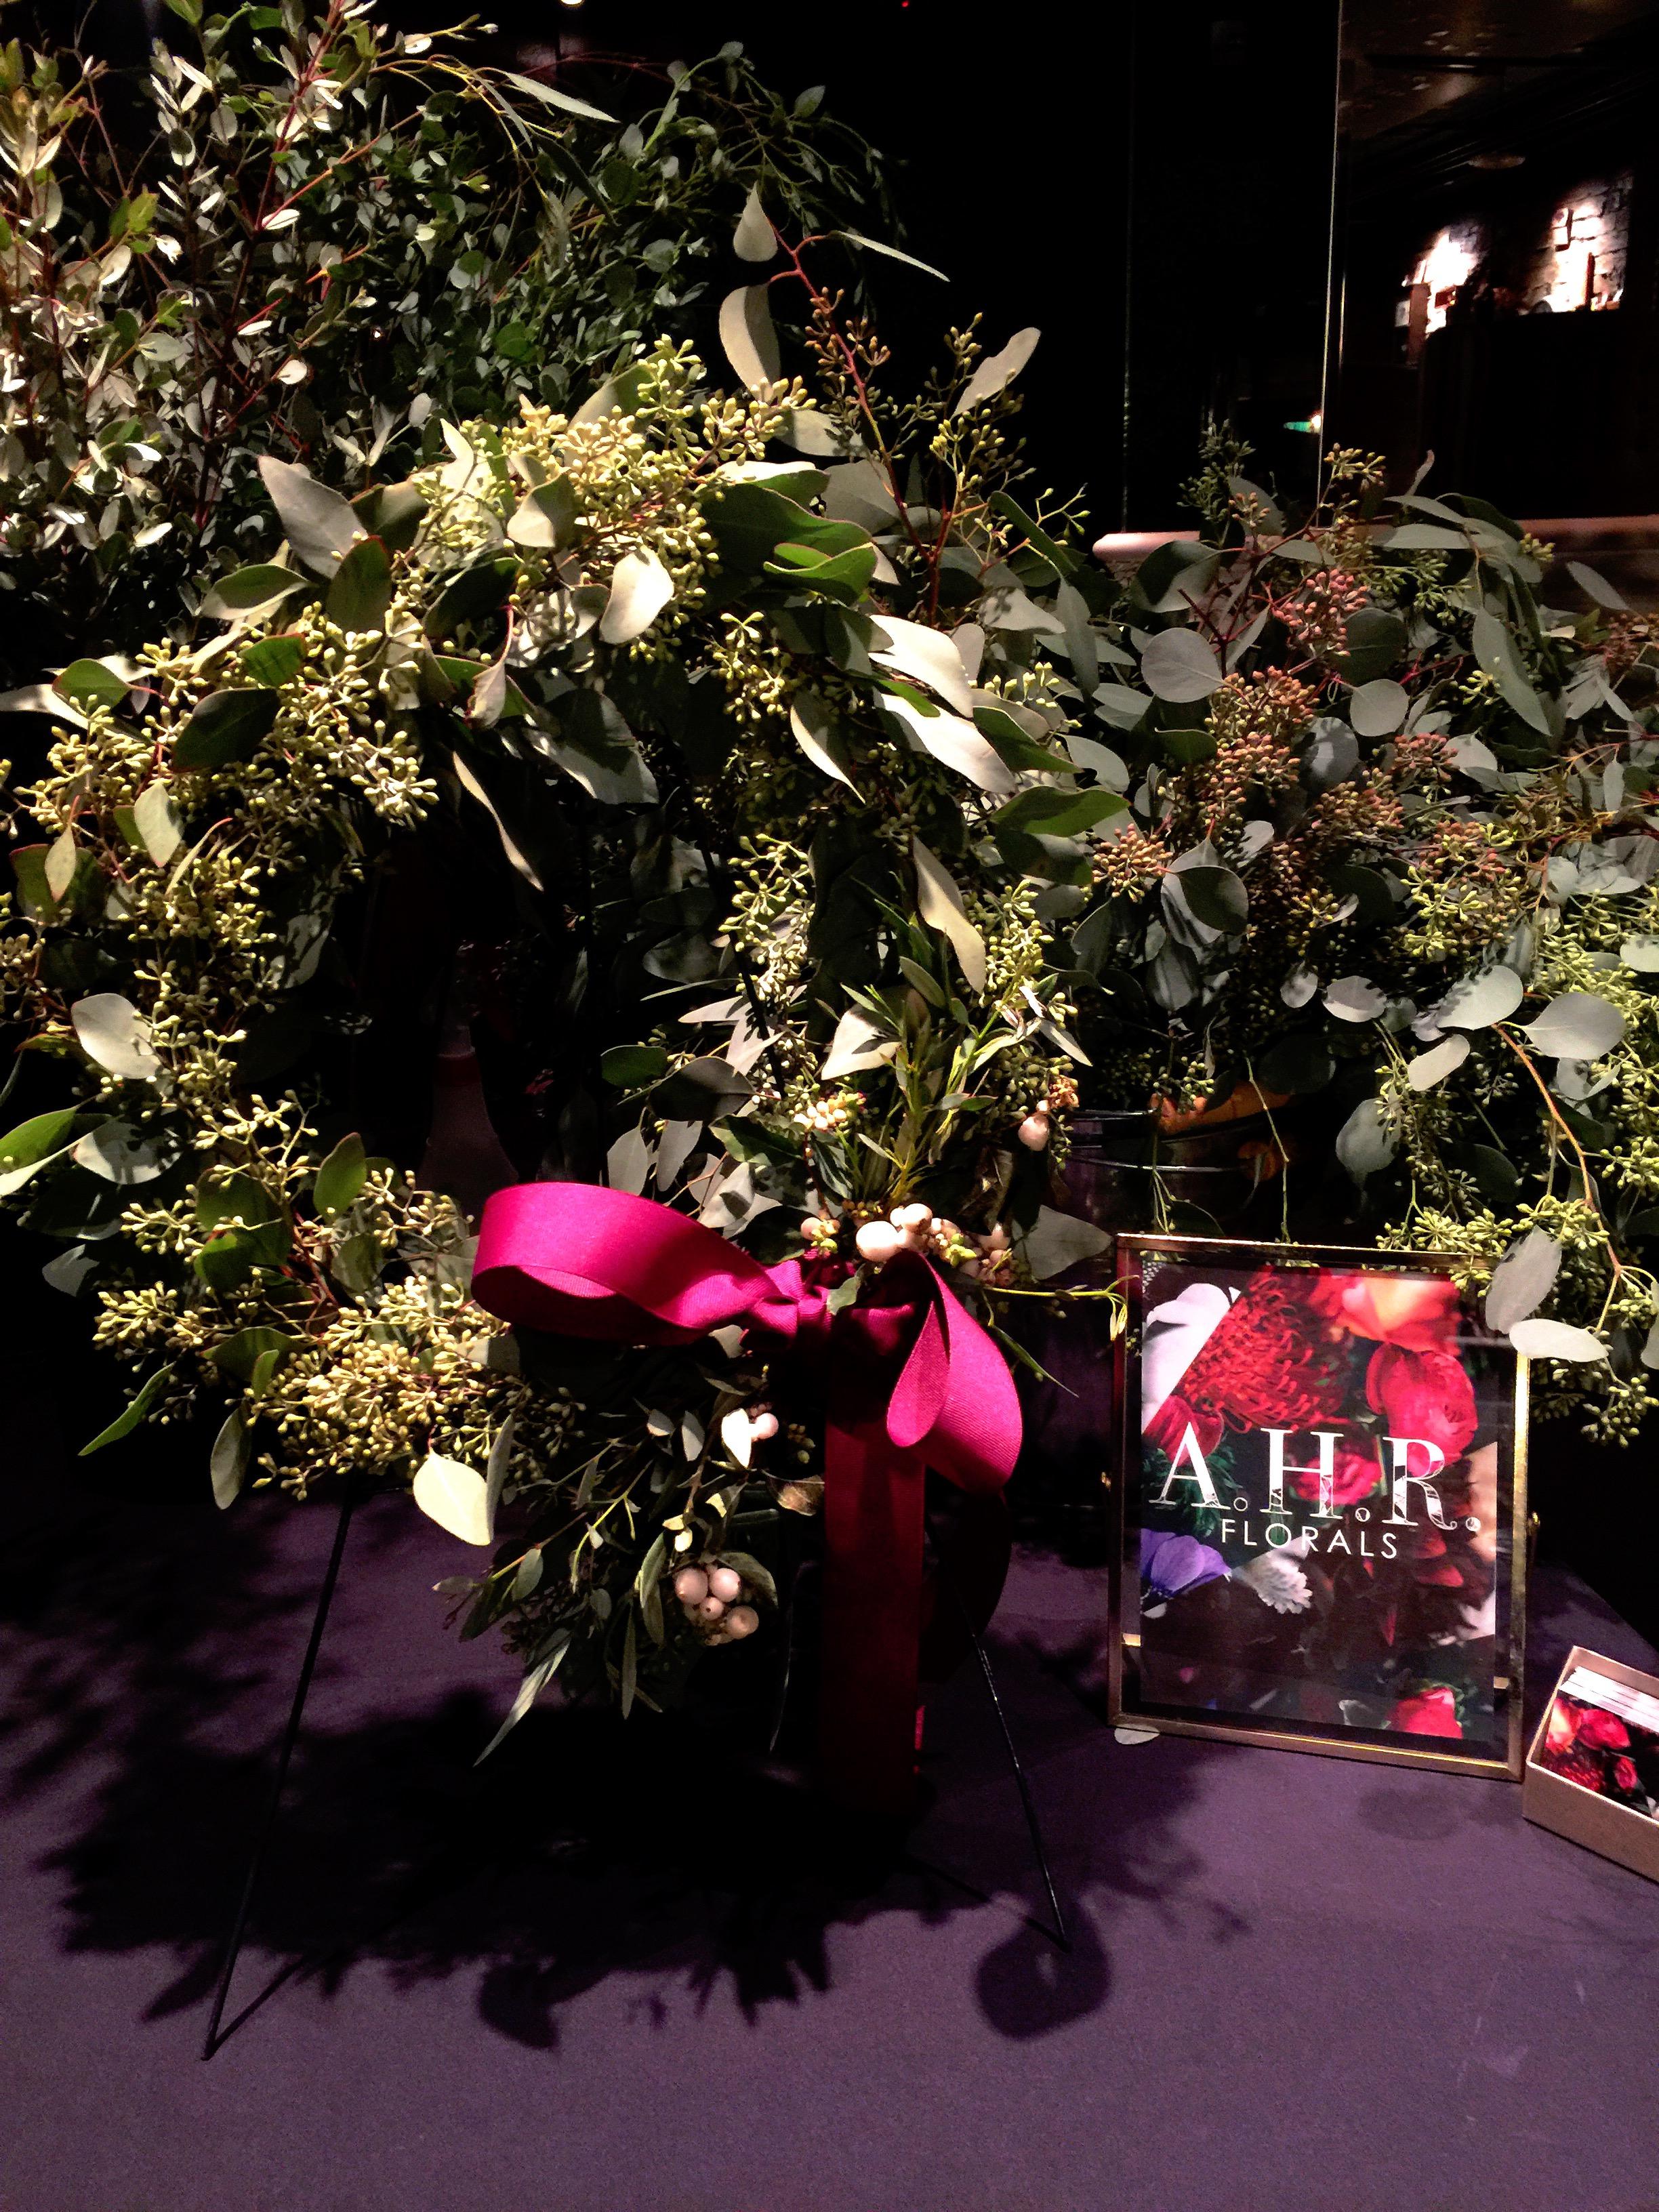 AHR FLorals Fall Wreaths eucalyptus